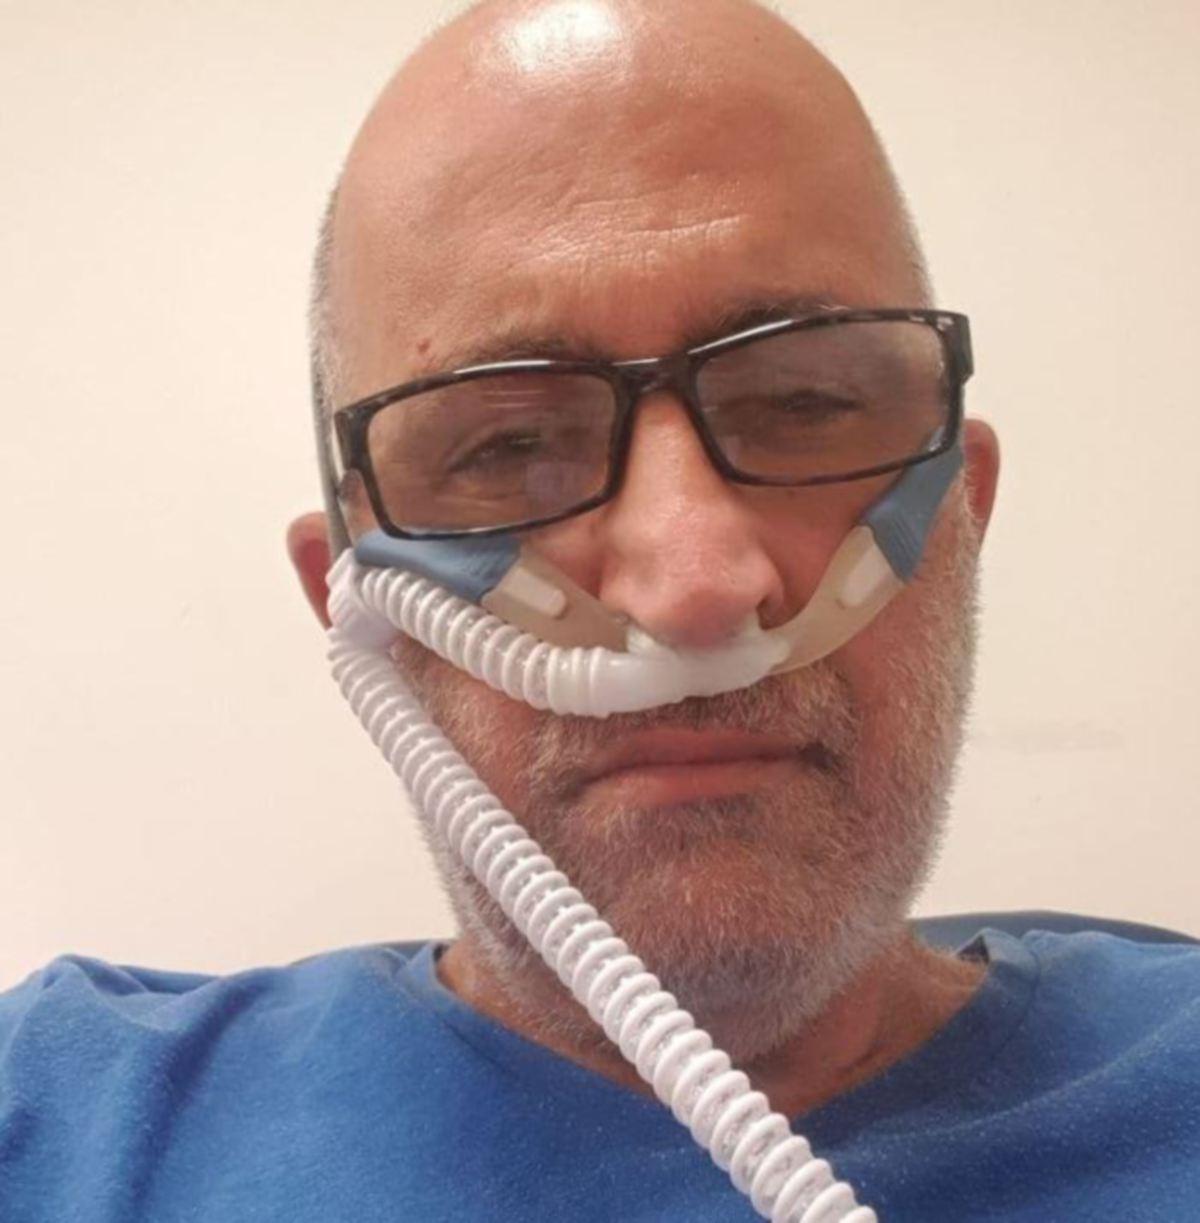 Shaulian ketika berada di hospital menerima rawatan Covid-19. - FOTO Agensi